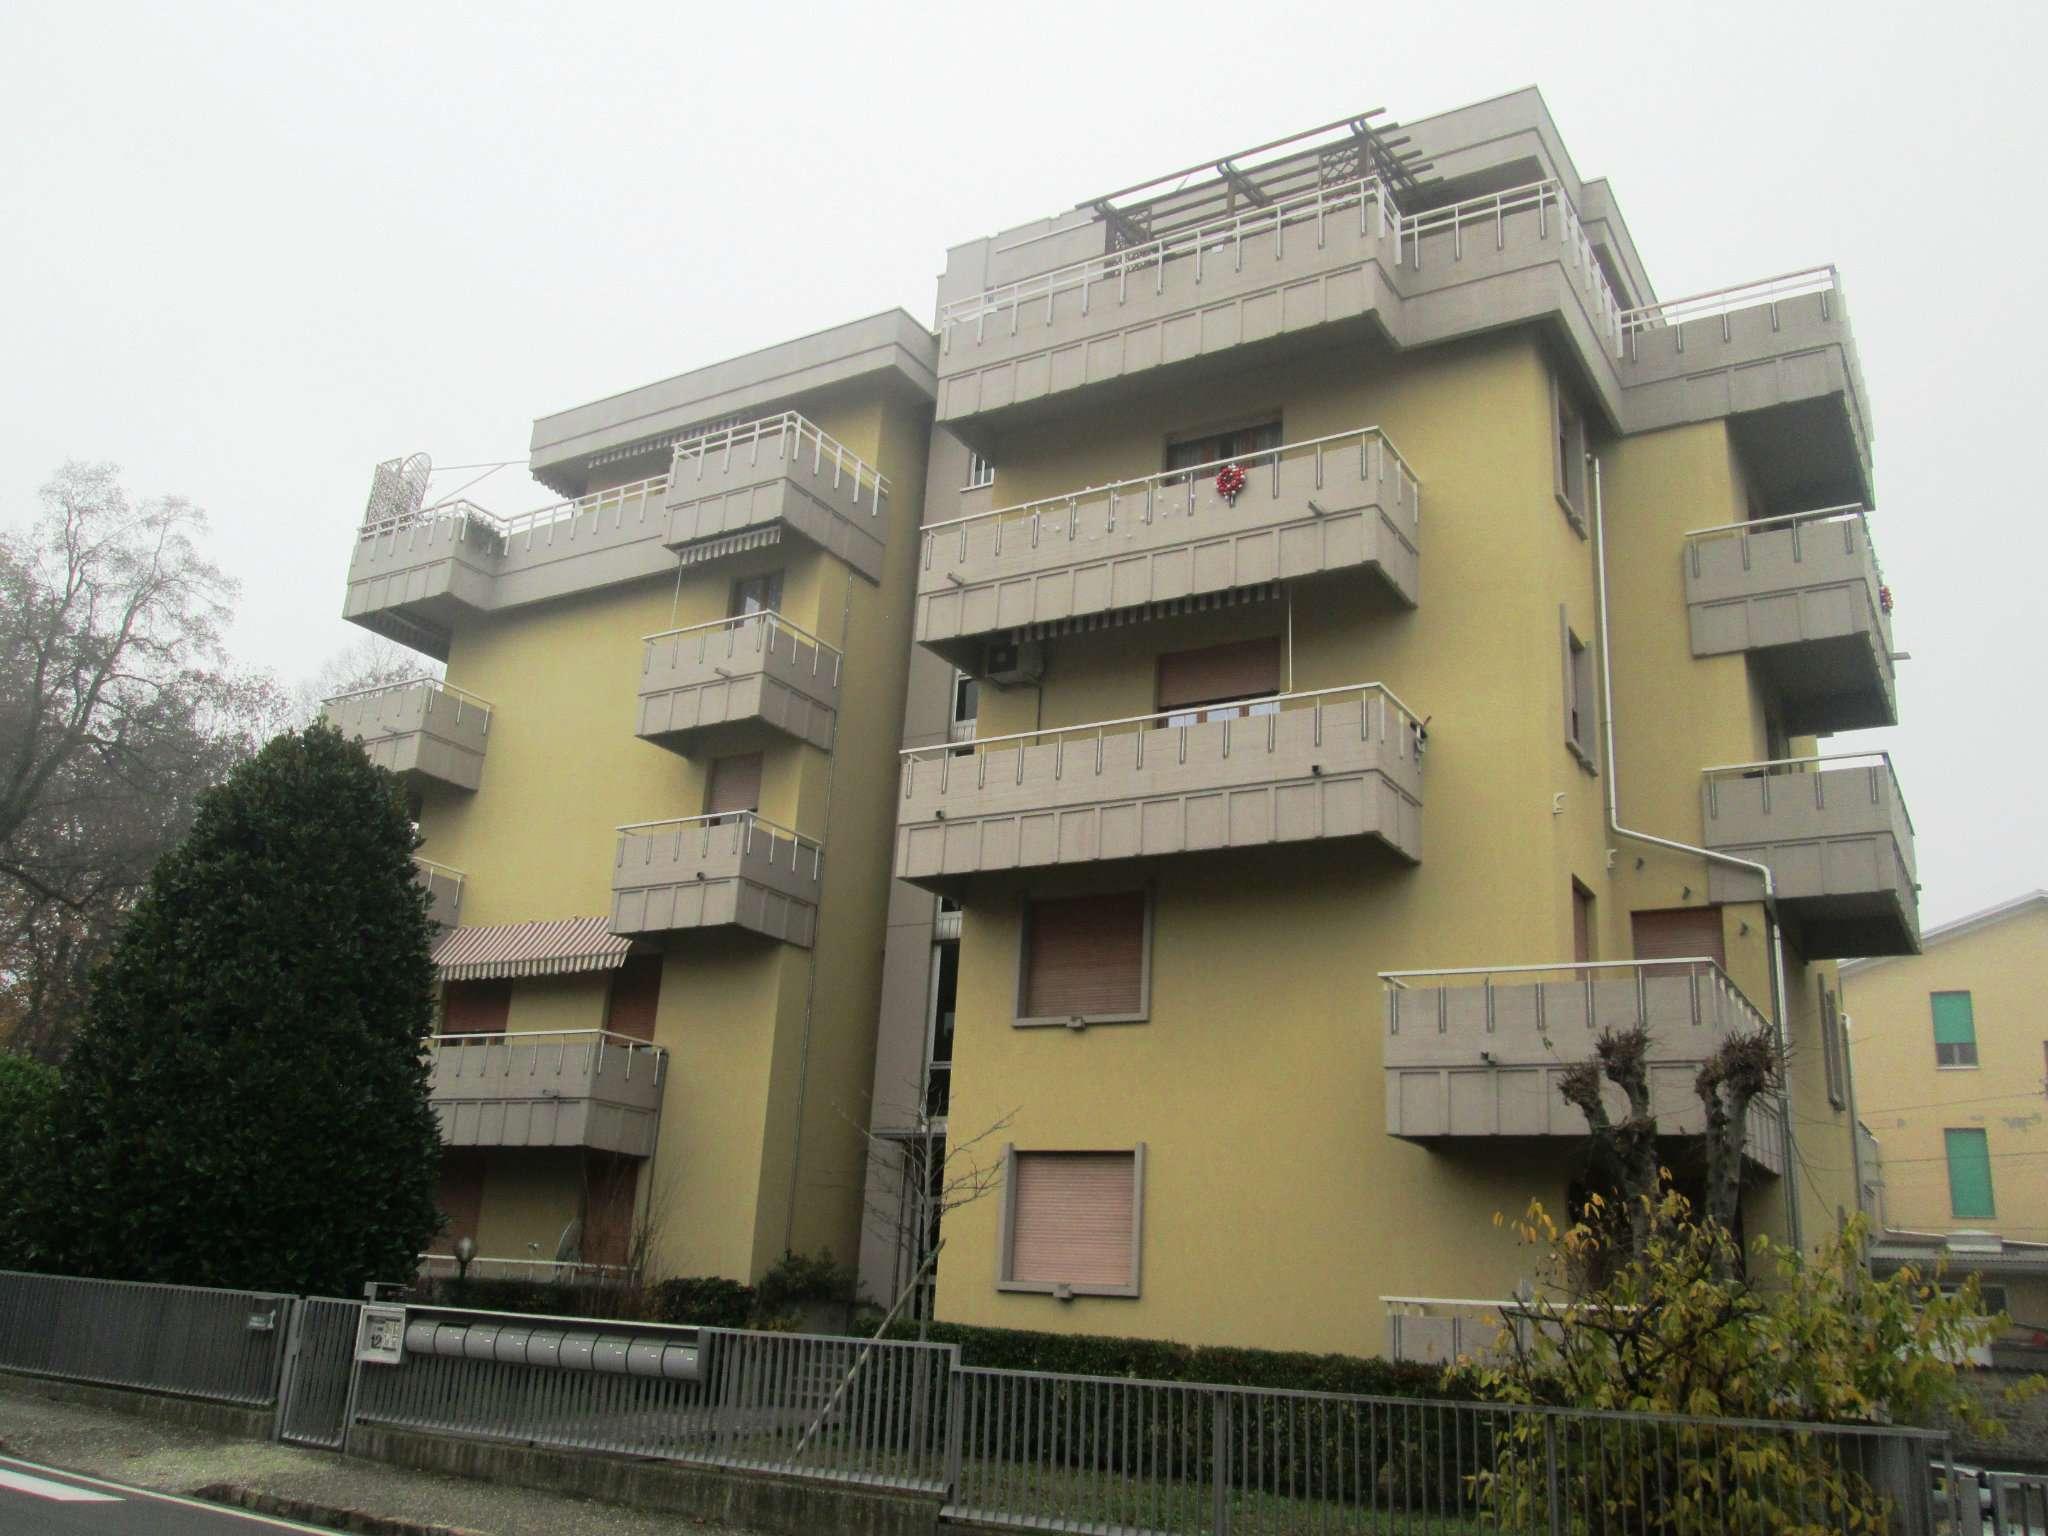 Appartamento in vendita a Felino, 4 locali, prezzo € 125.000   Cambio Casa.it